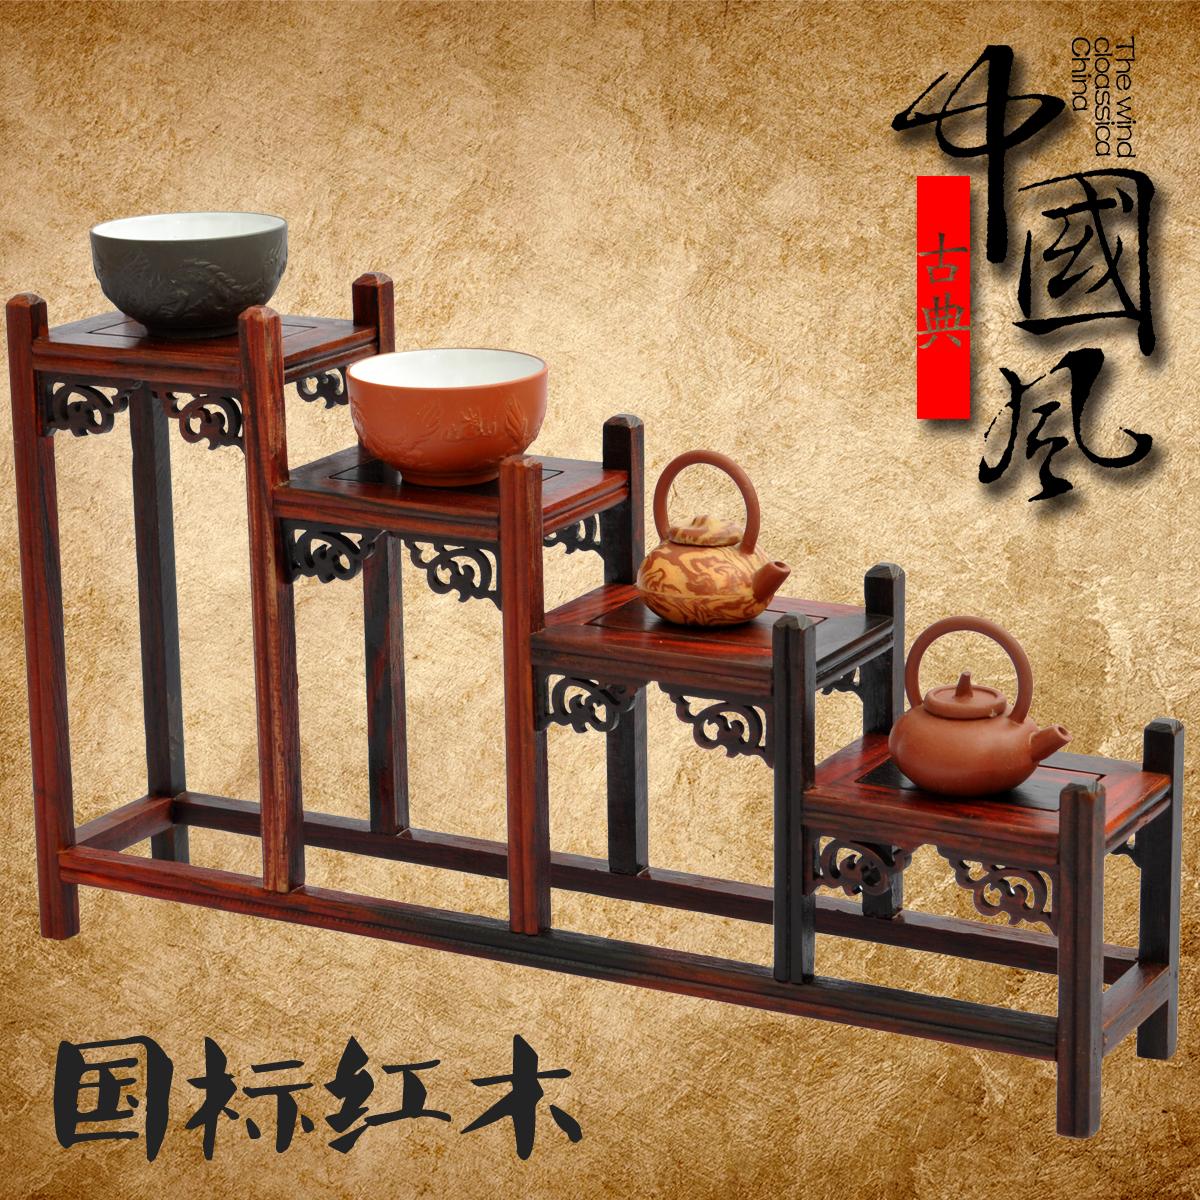 China Wood Shelf Brackets, China Wood Shelf Brackets Shopping Guide ...